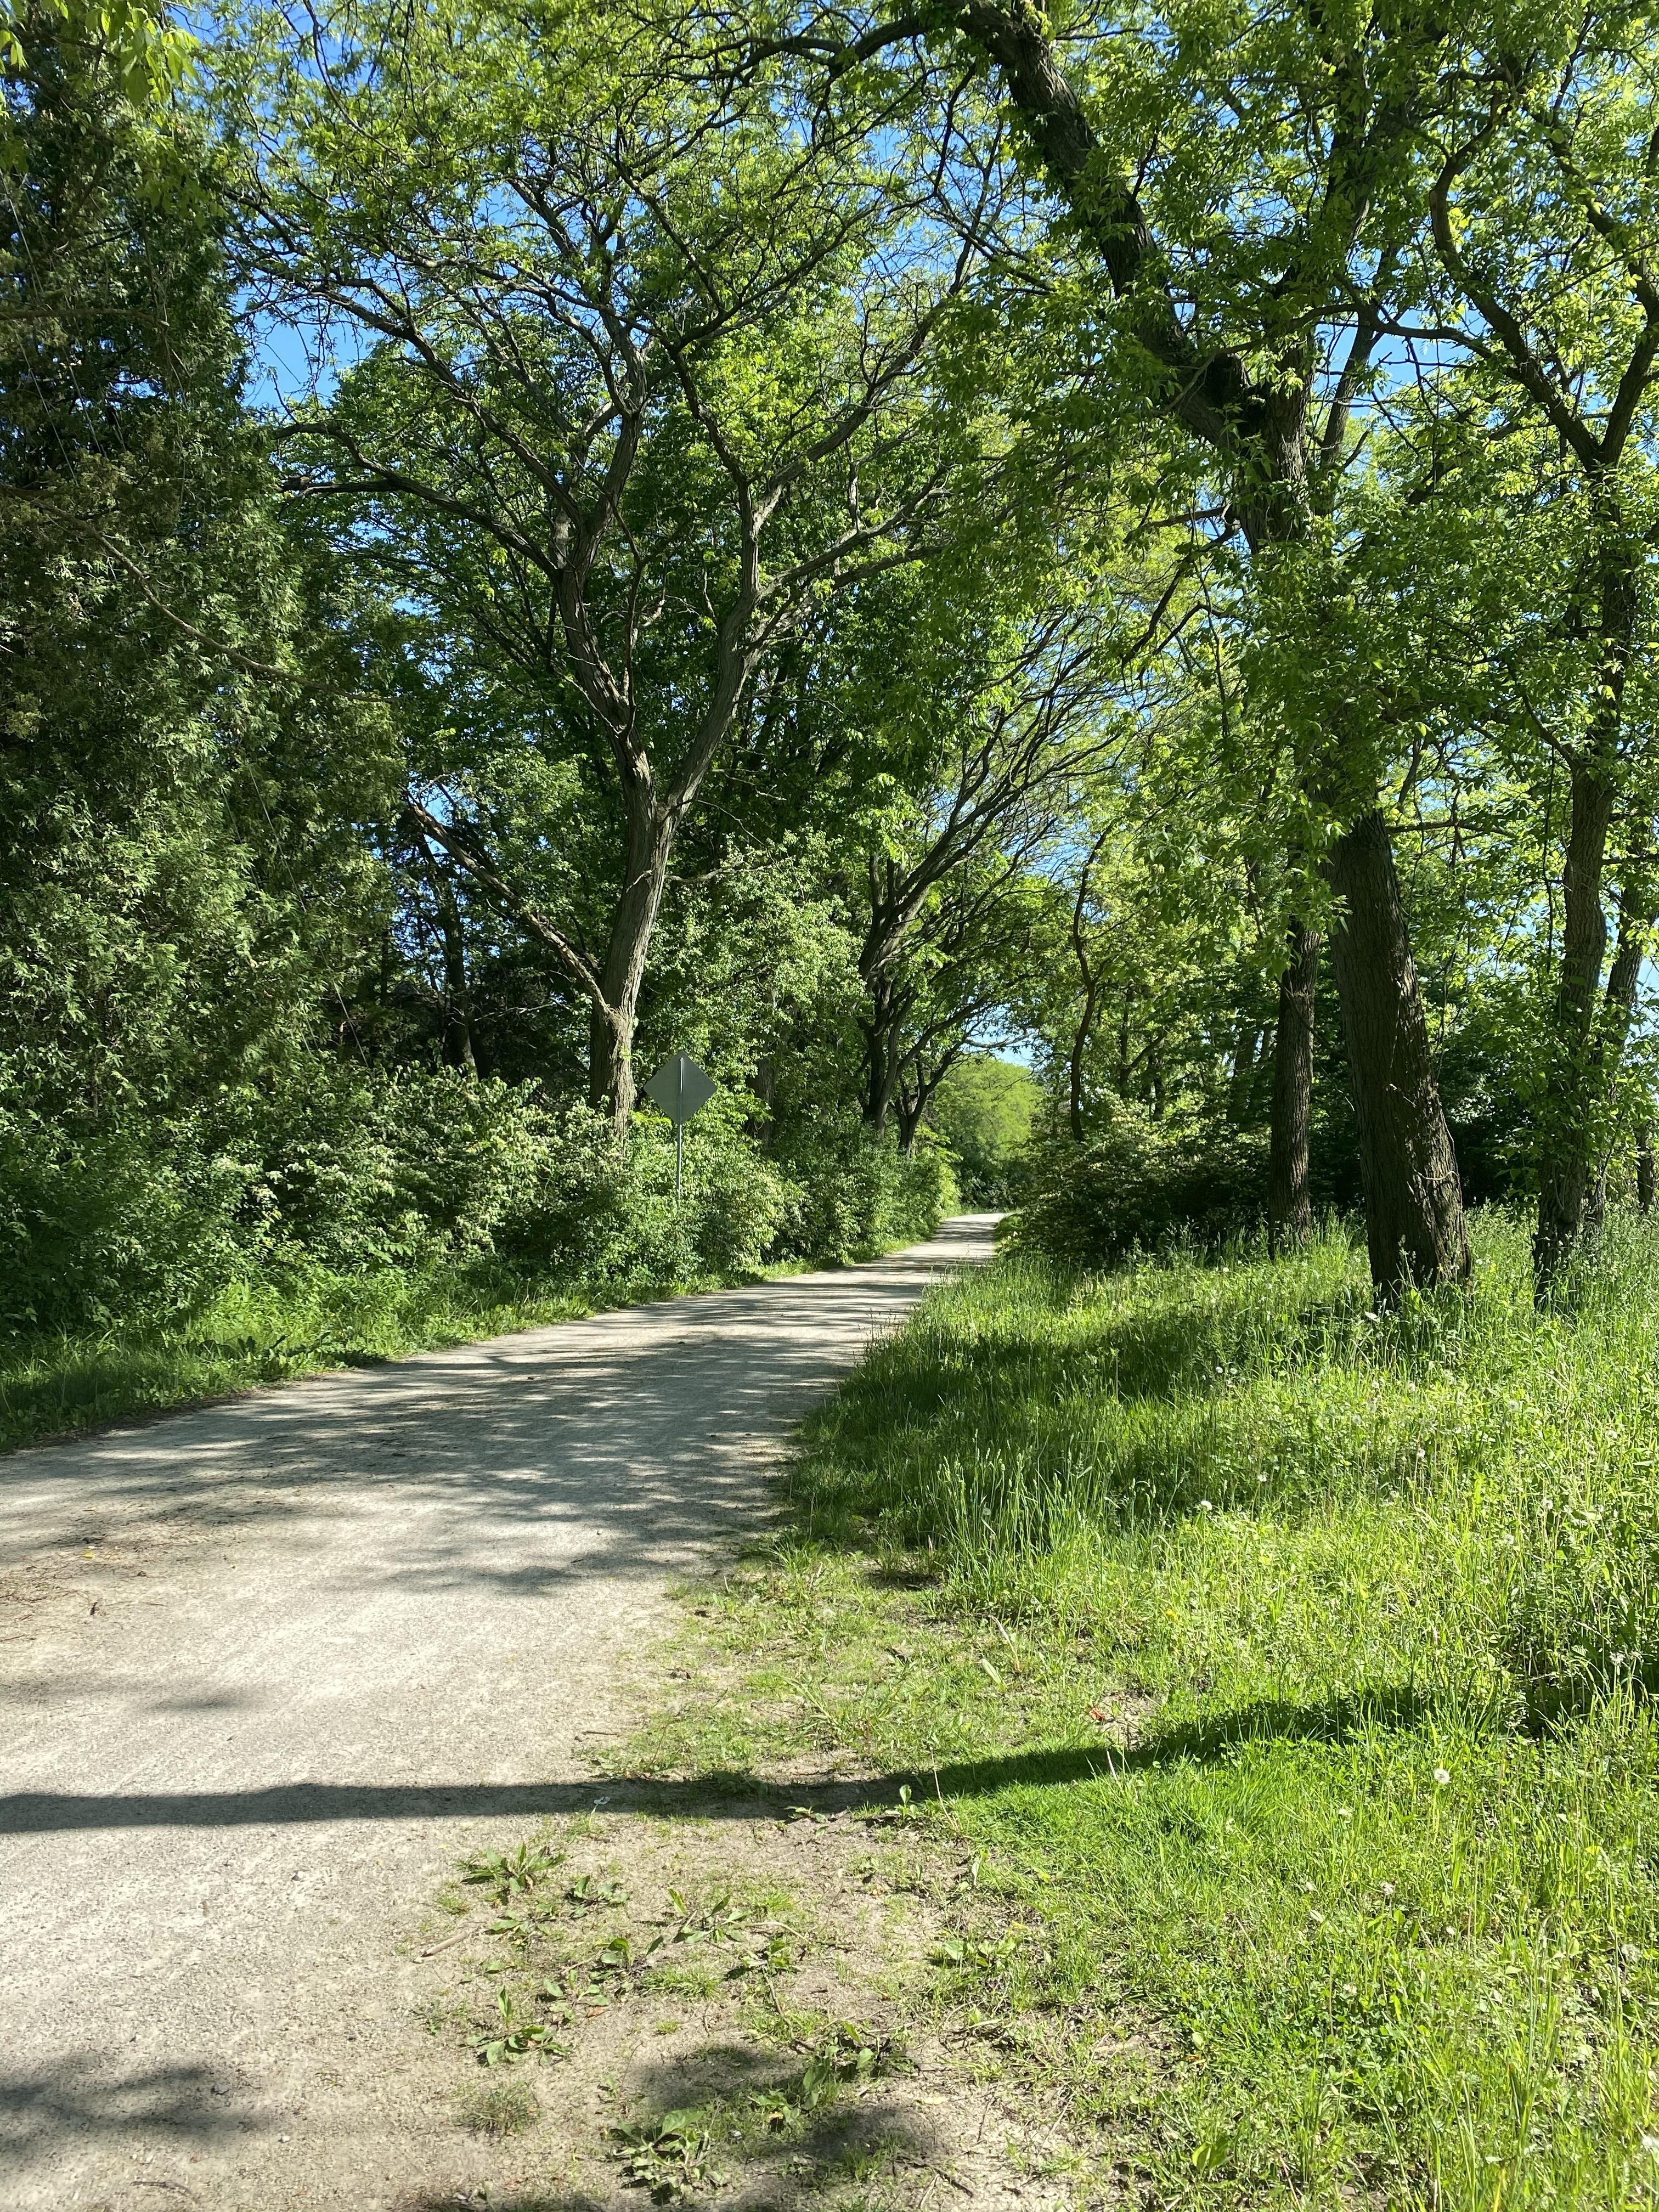 Illinois Prairie Path in Wheaton, Illinois